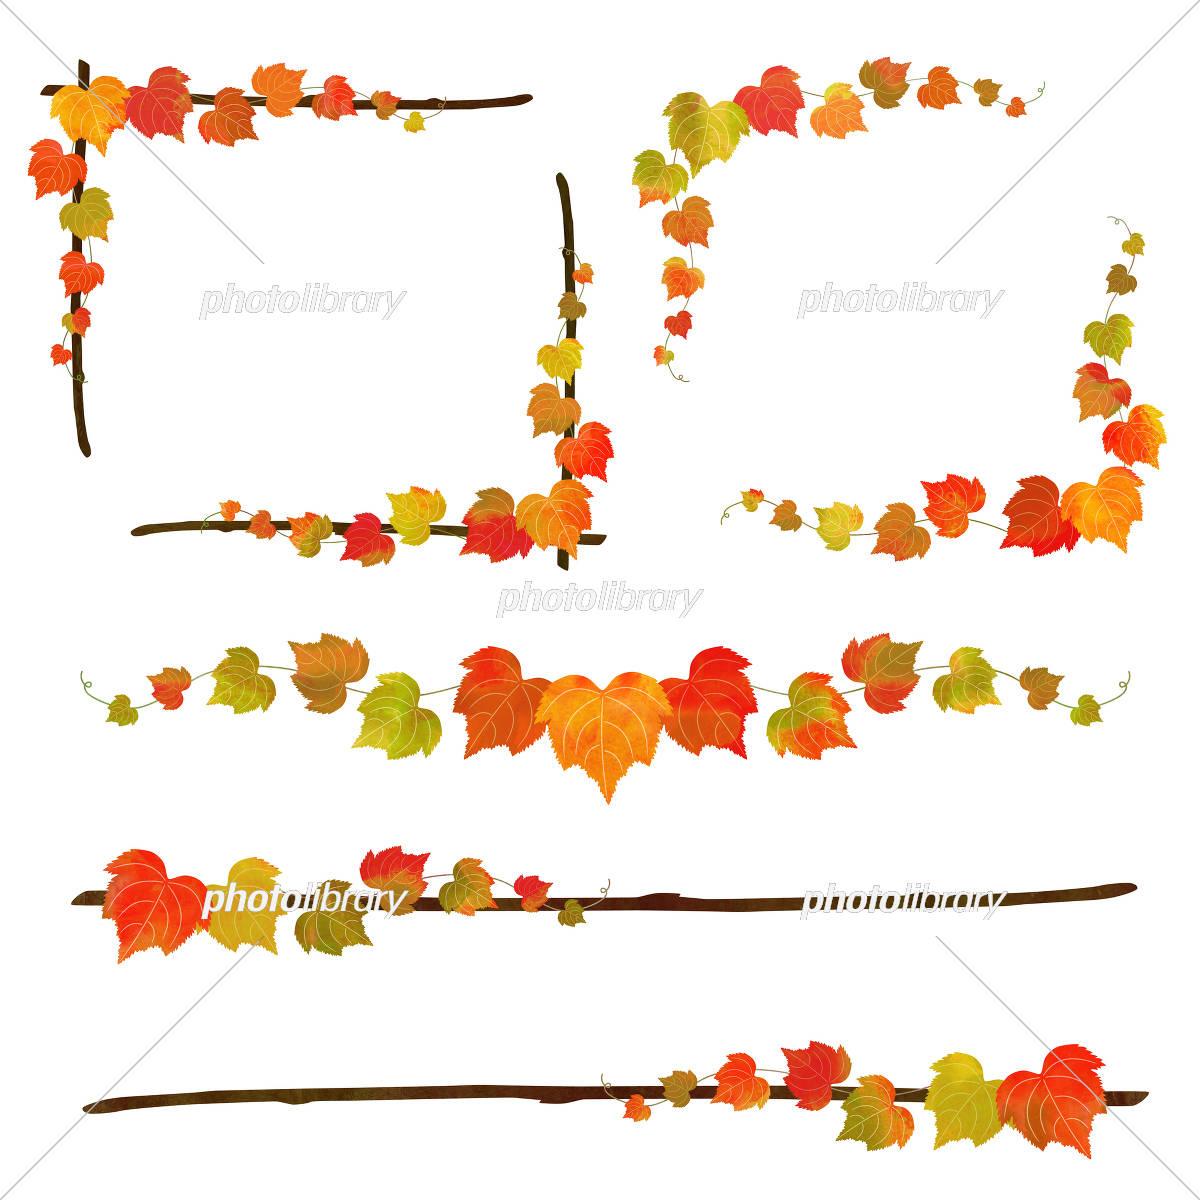 秋の蔦と枝のフレーム イラスト素材 3291046 フォトライブ